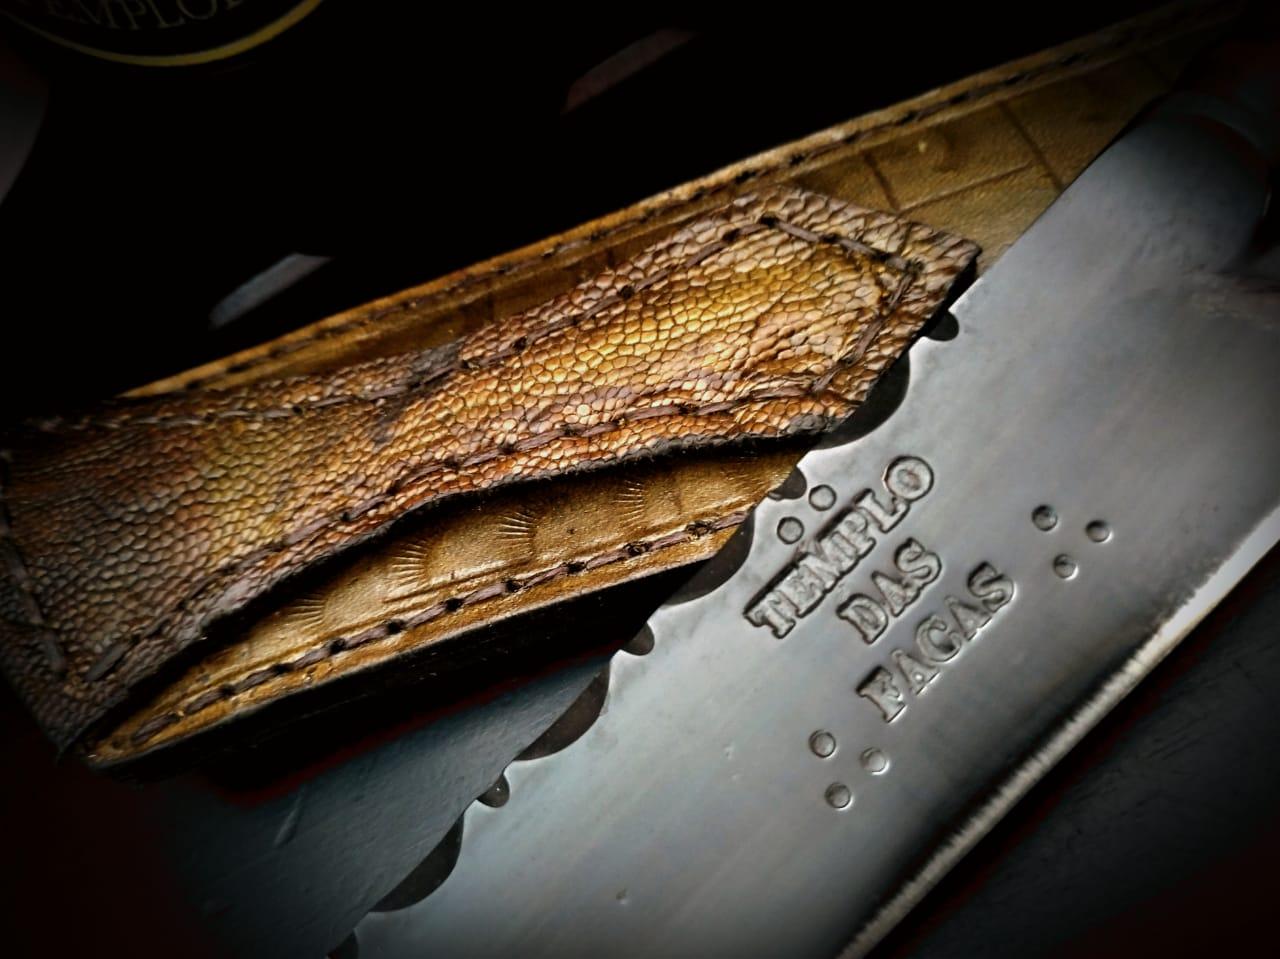 Faca artesanal forjada negra aço carbono cabo cervo axis 10 polegadas